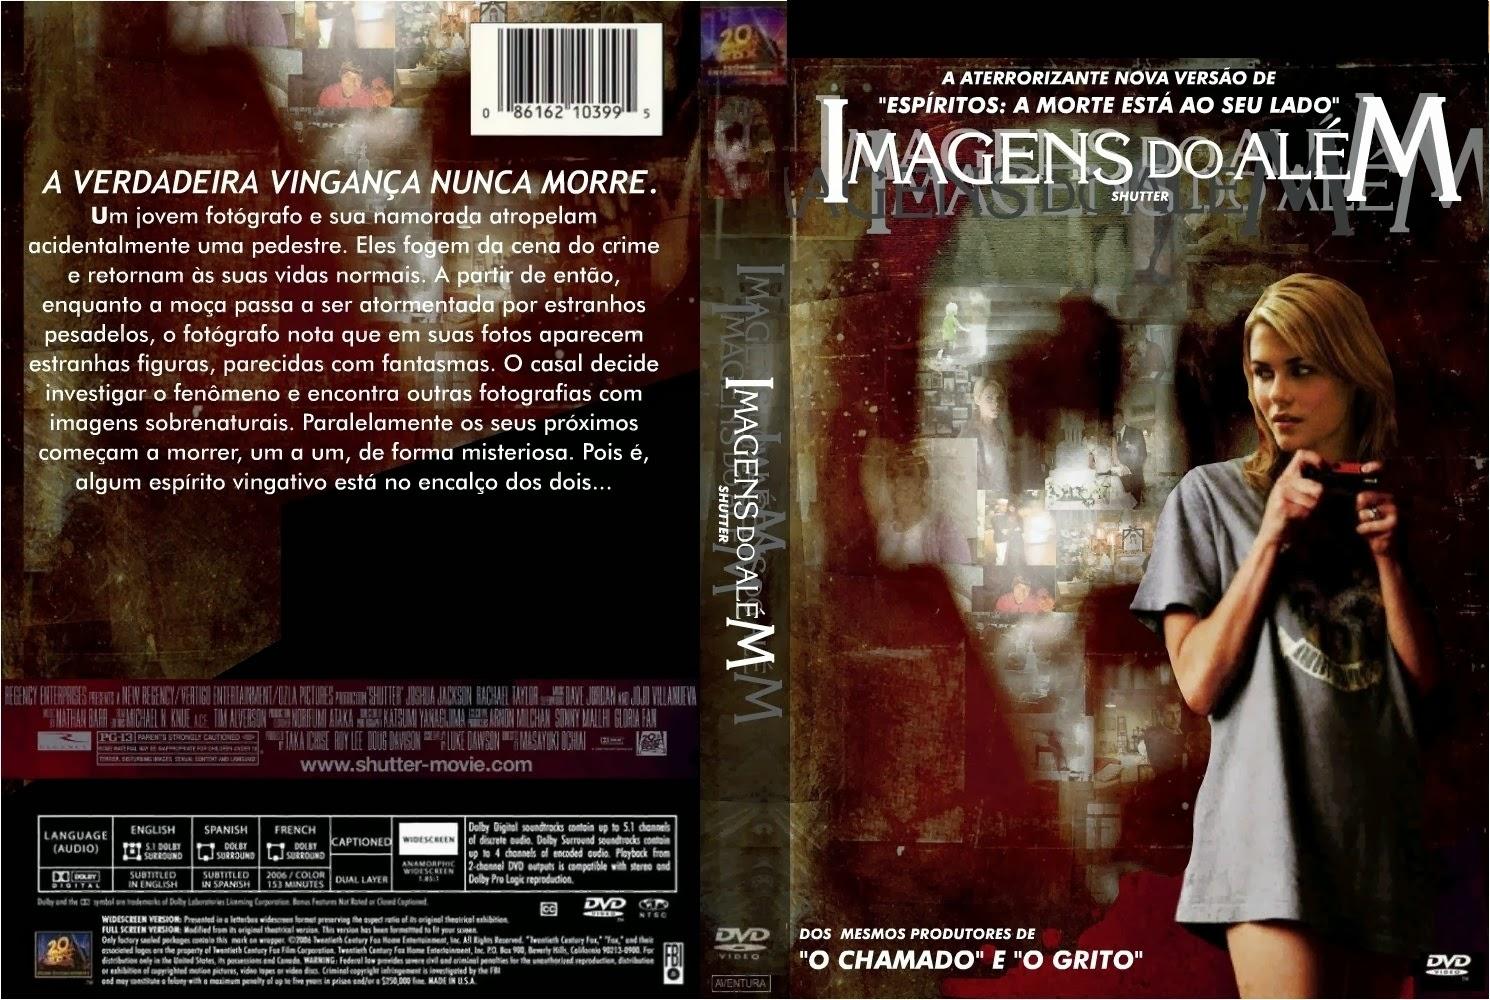 Imagens do Além DVD Capa